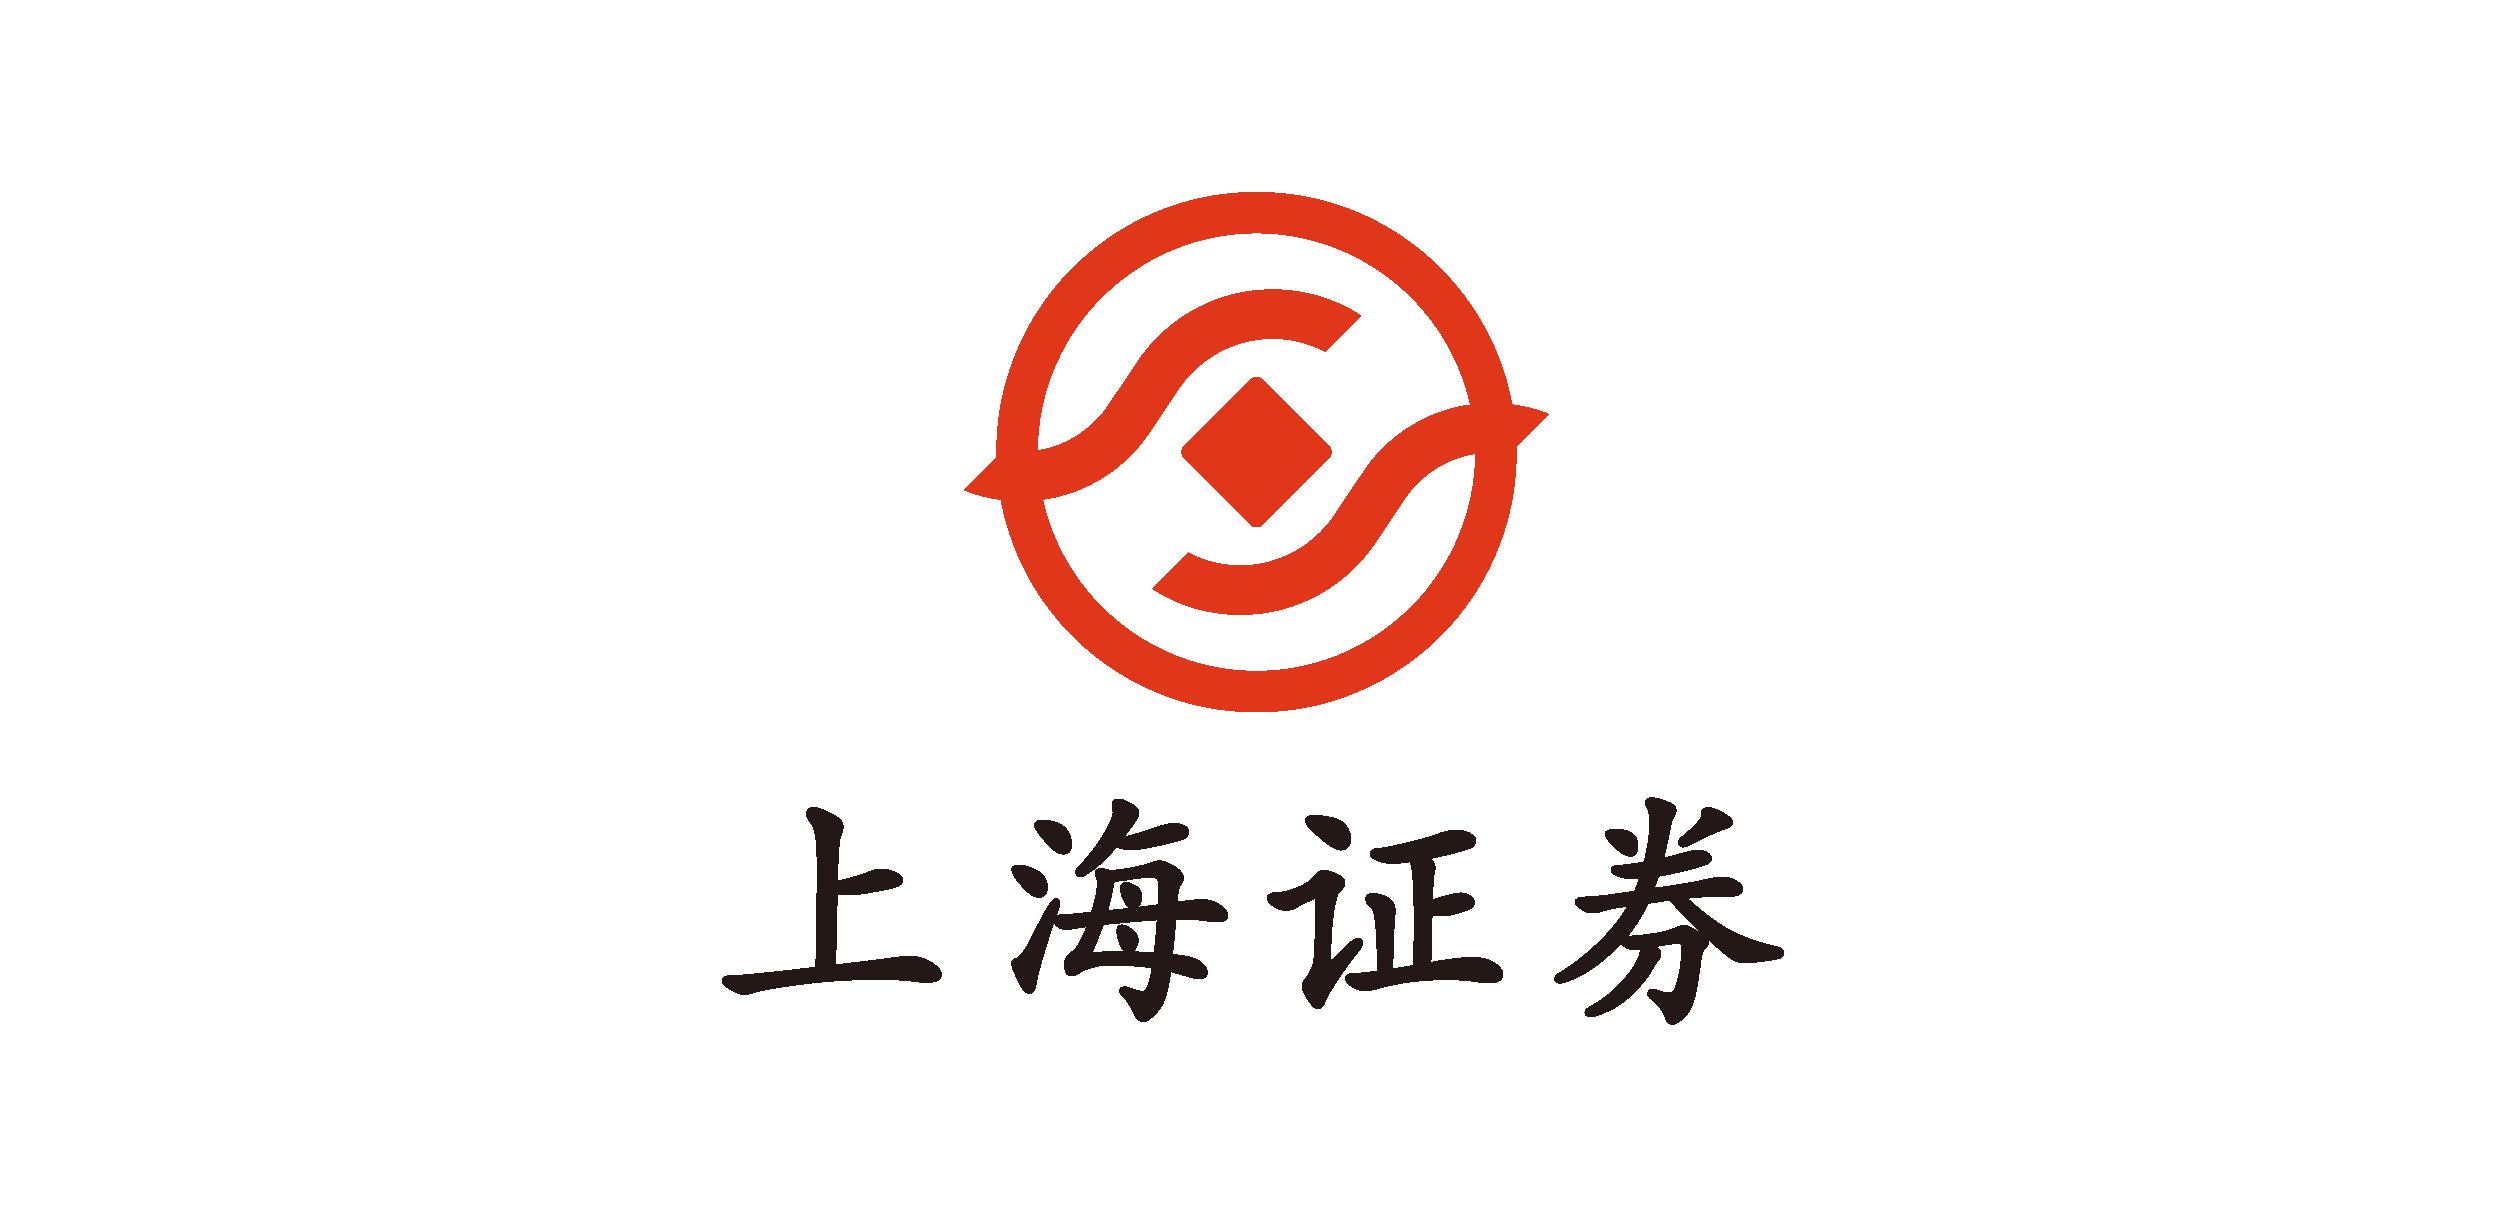 官方赞助商-上海证券